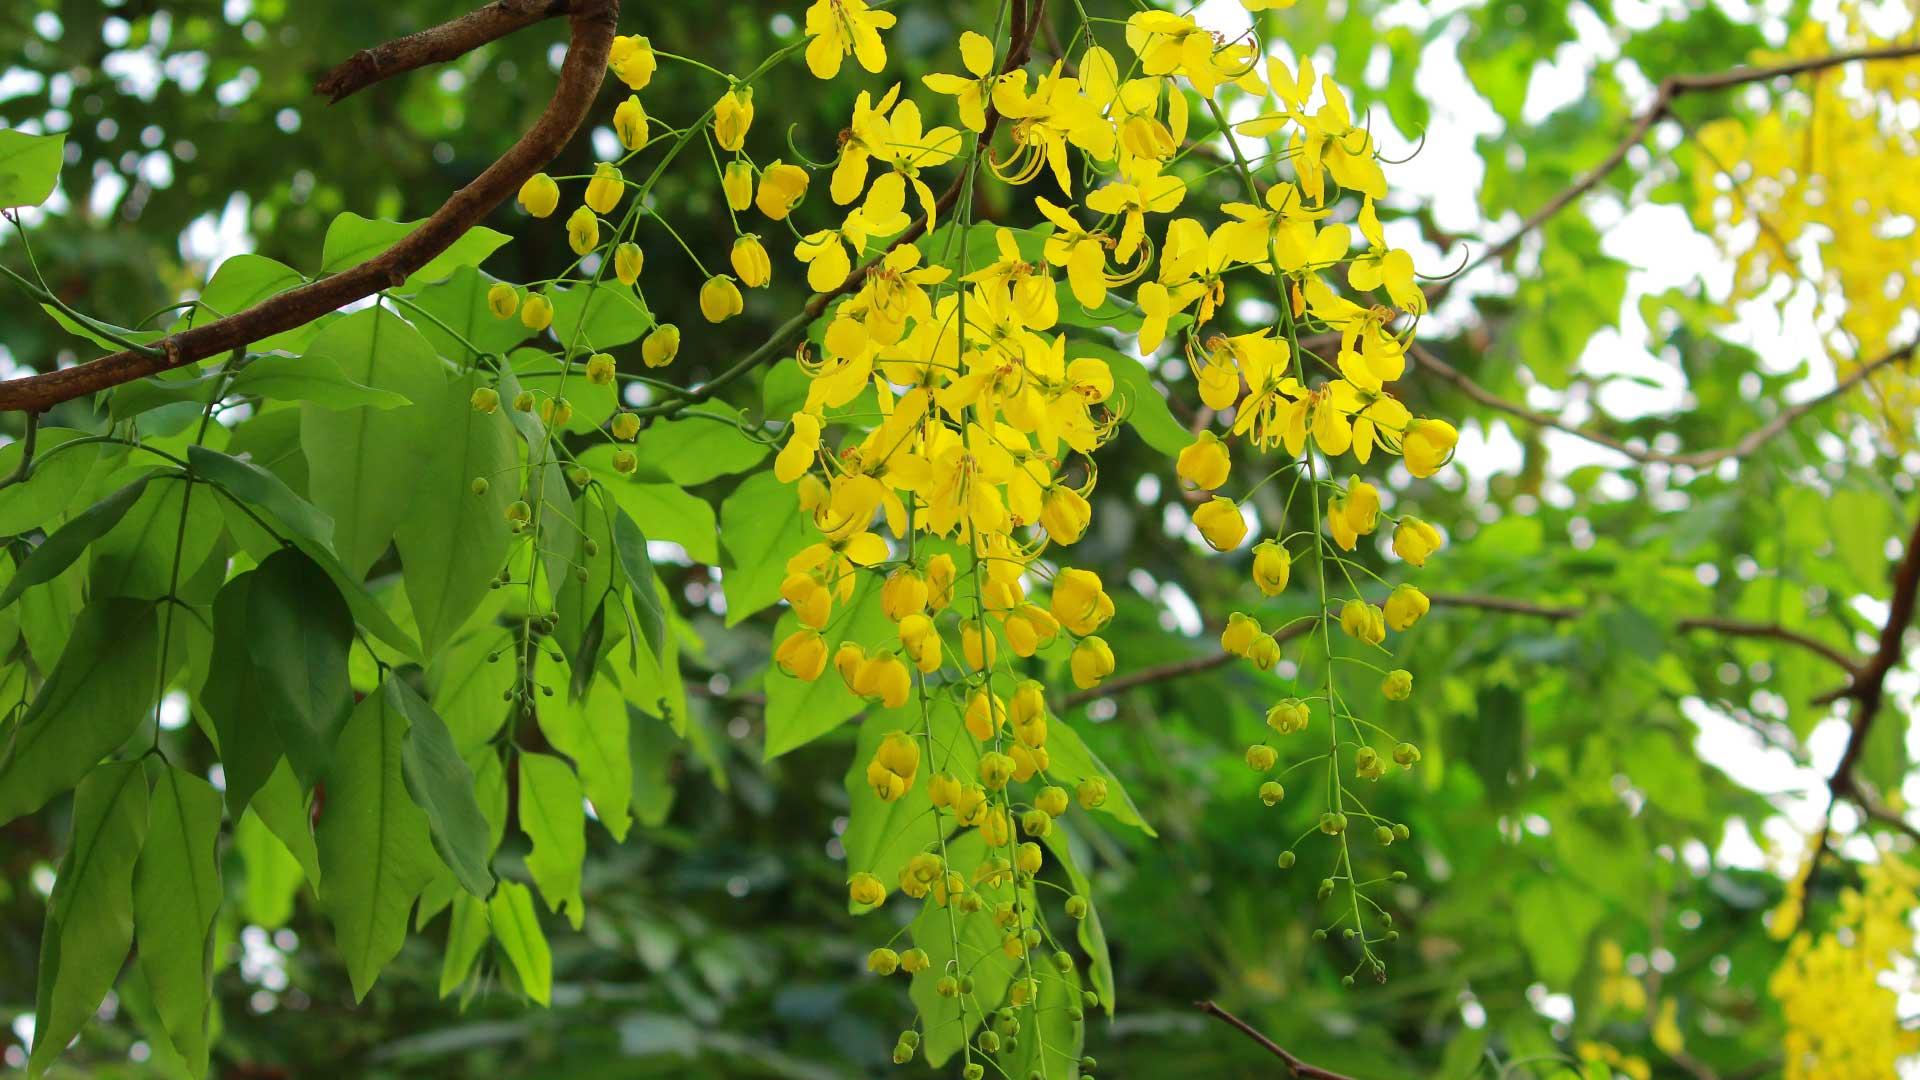 Kanikkonna-Flower for Vishu Festival - Kerala-Golden-Rain-Flower-Cassia-fistula-Flowers, Flowers Kerala